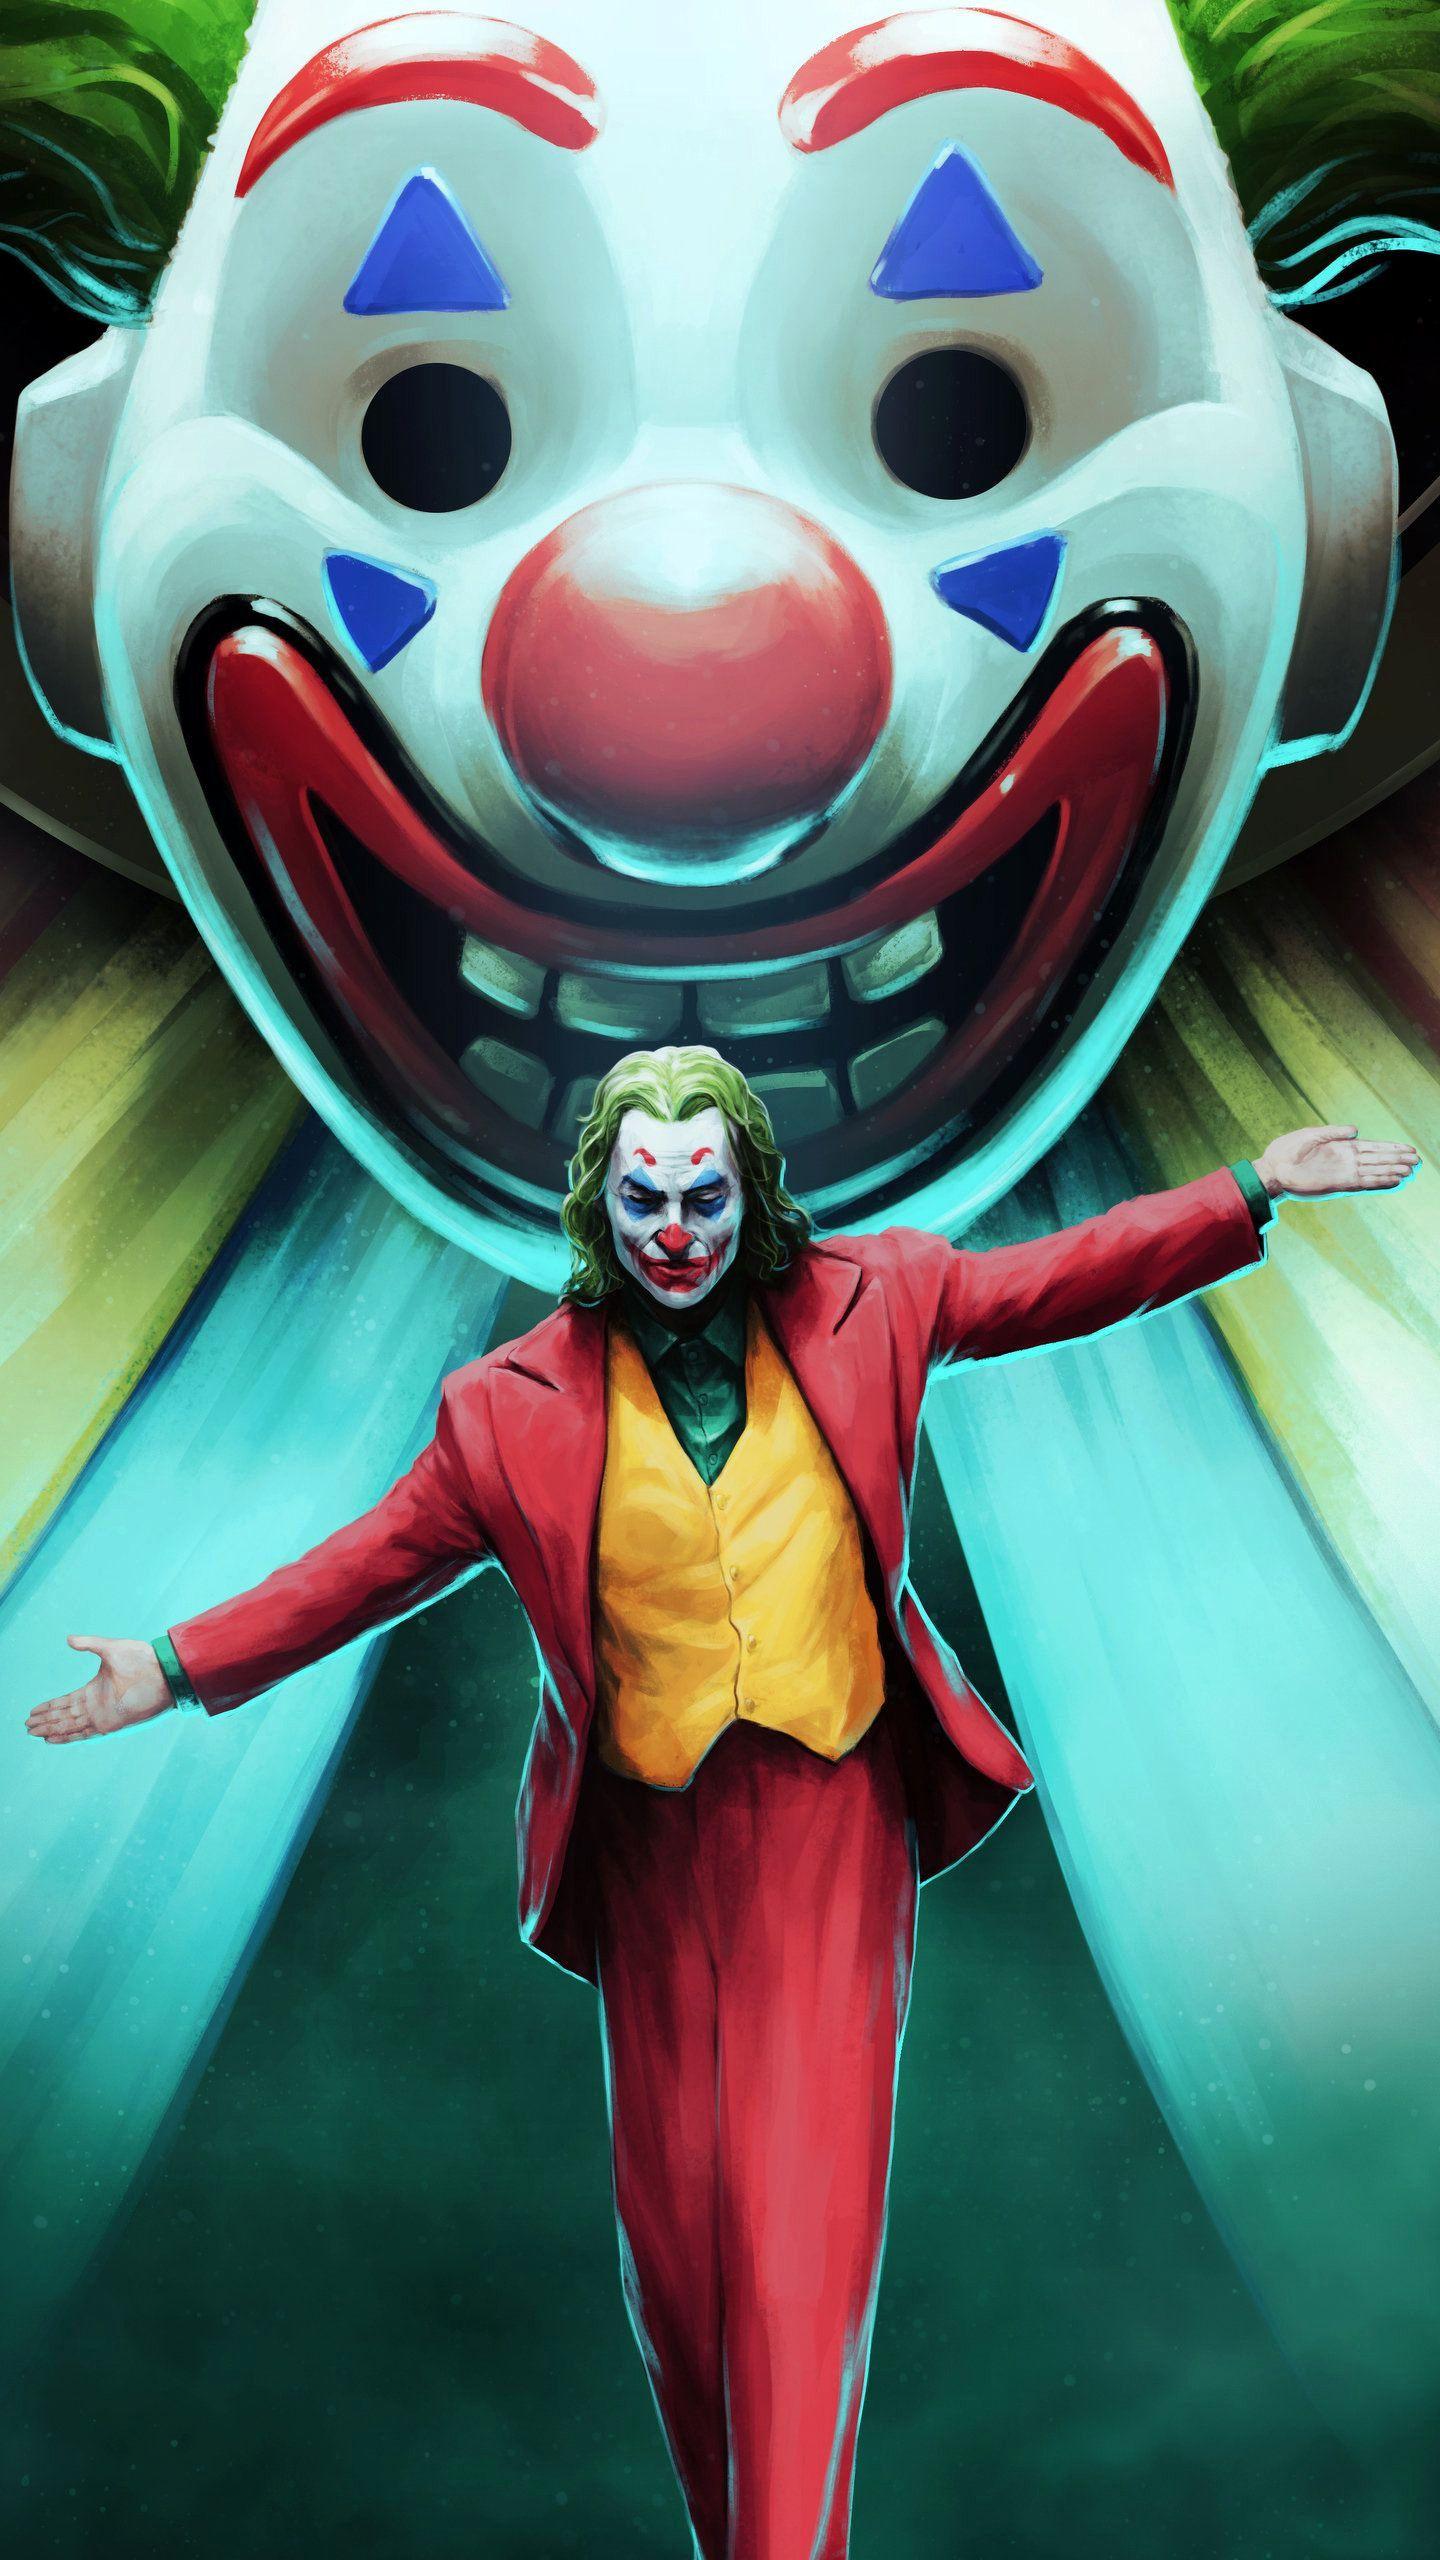 Joaquin Phoenix Joker Wallpaper Iphone (With images